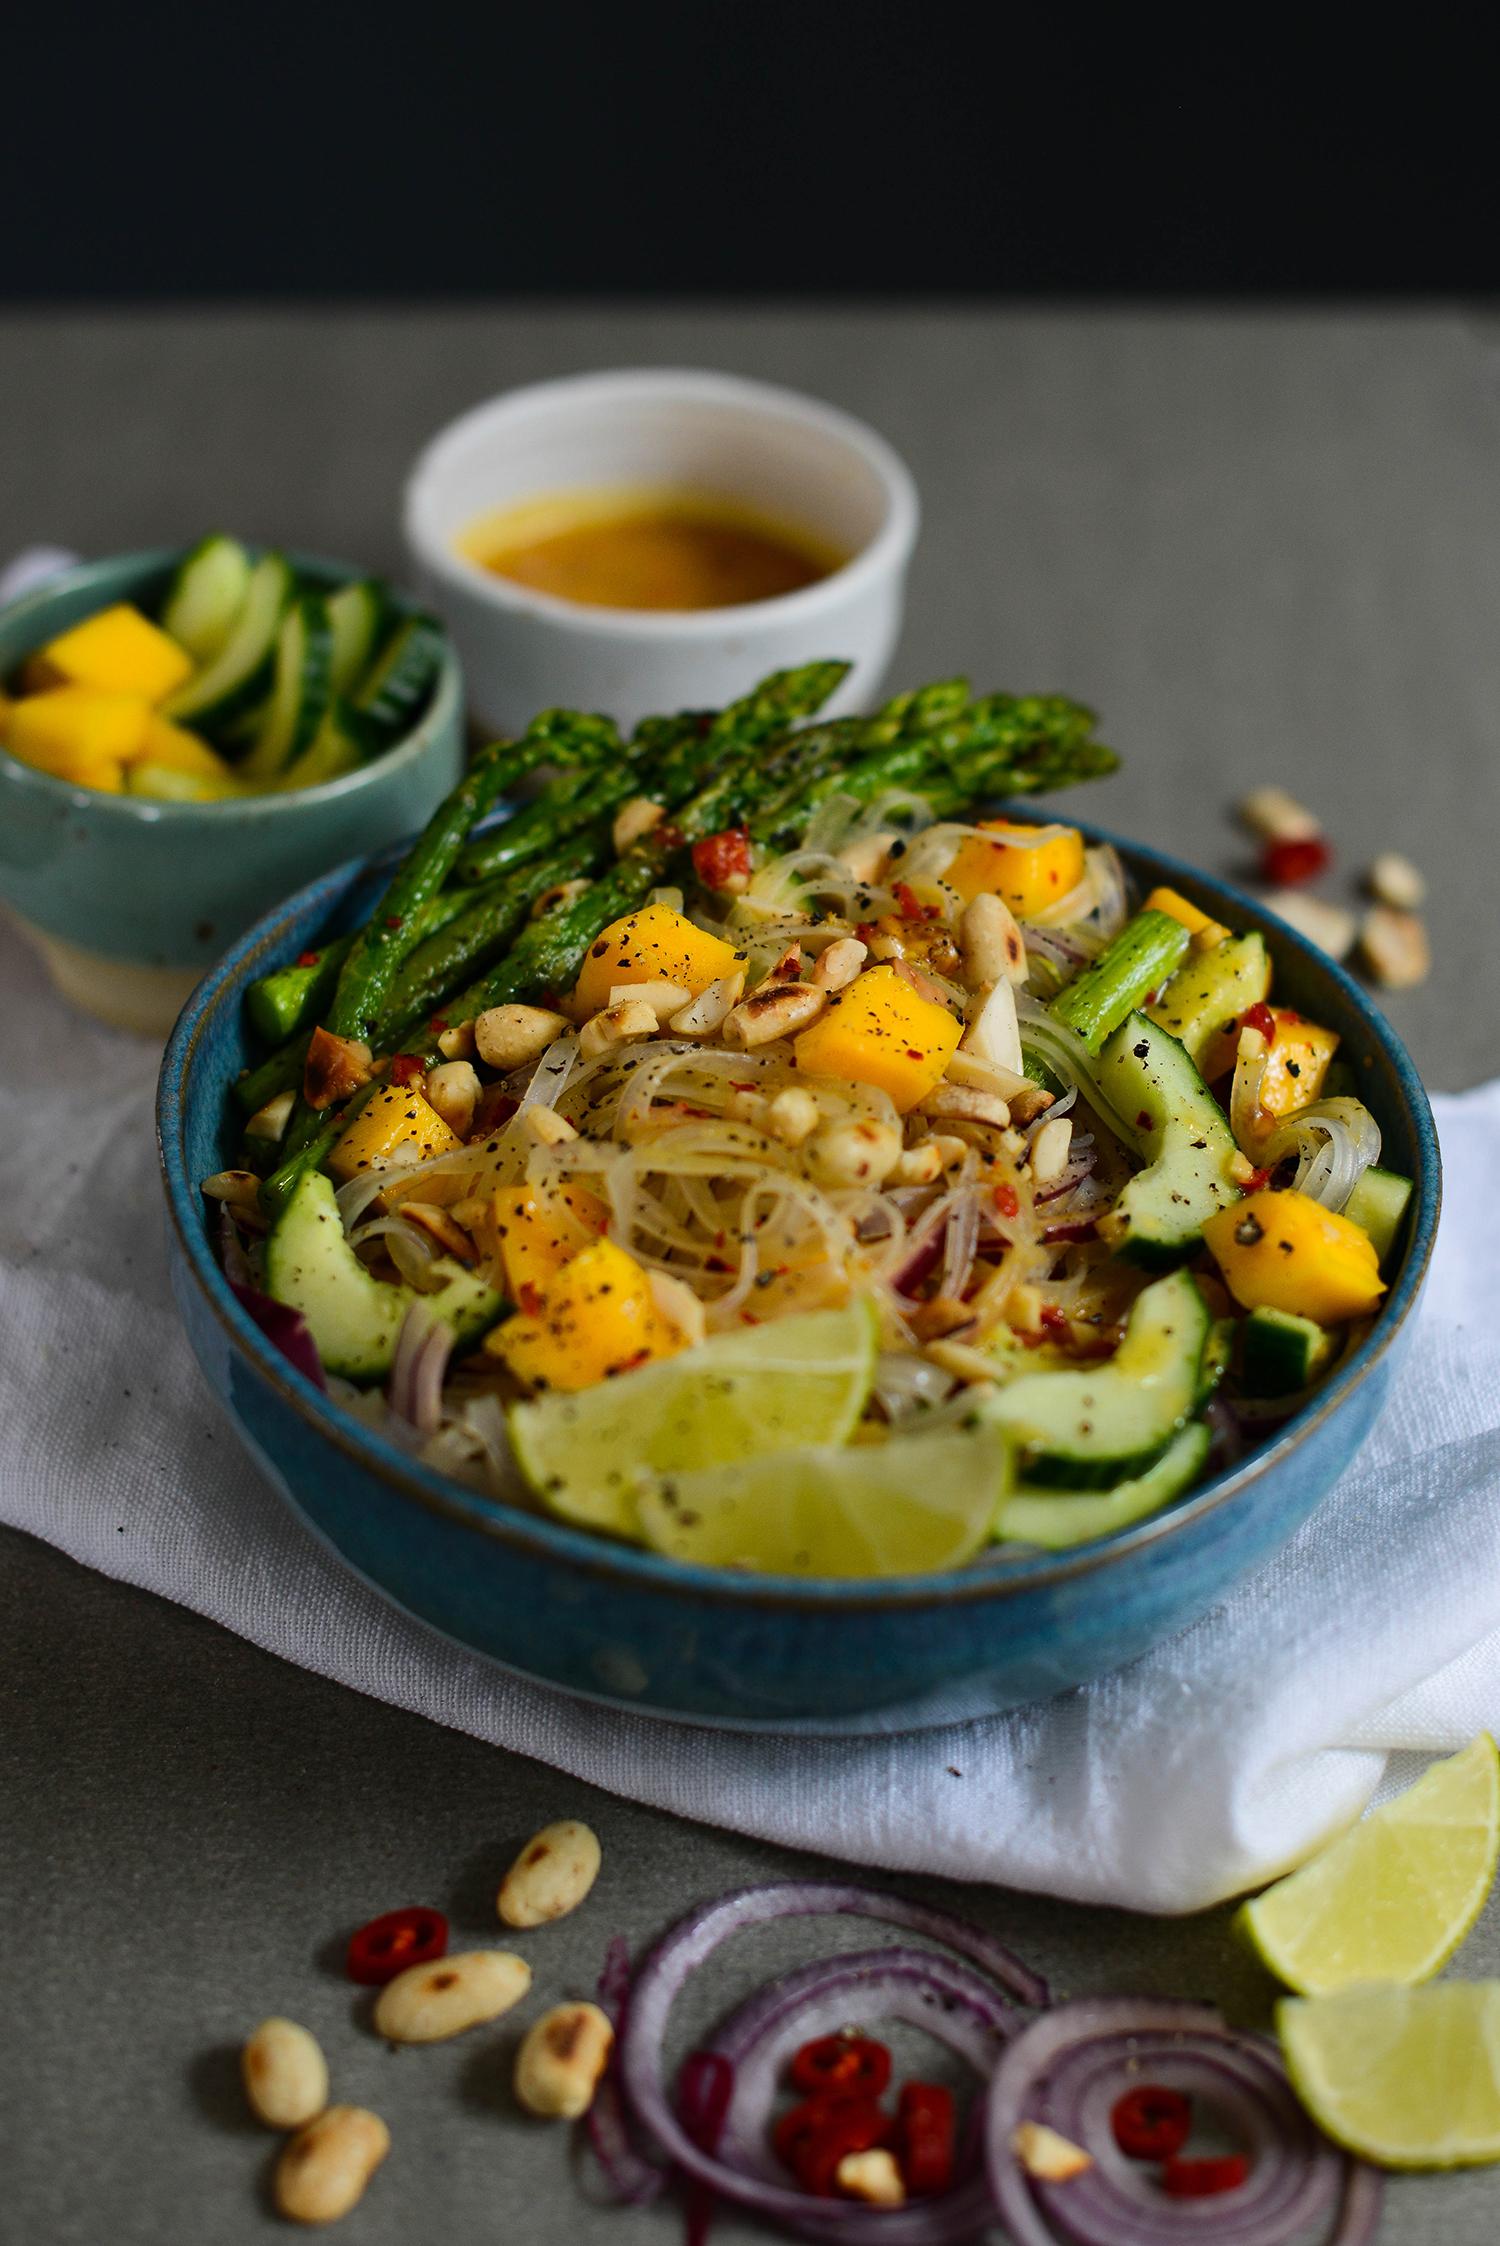 peanut-rice-noodle-salad-lea-lou